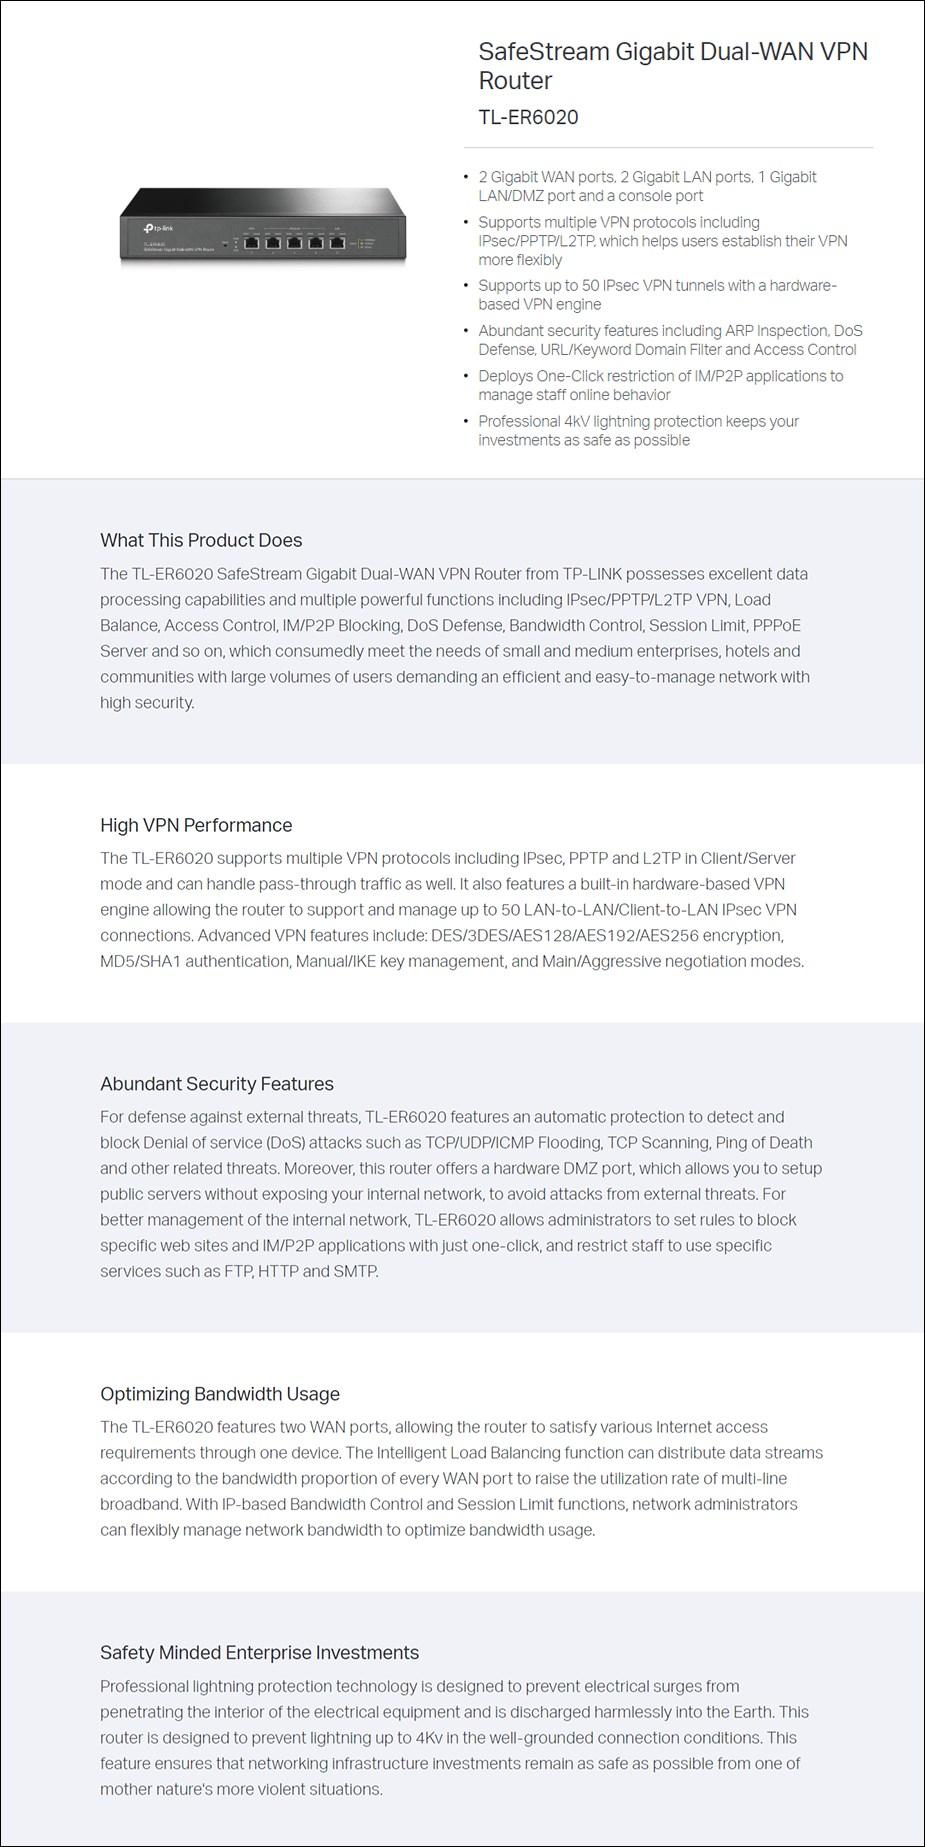 TP-Link TL-ER6020 SafeStream Gigabit Dual-WAN VPN Router - Overview 1